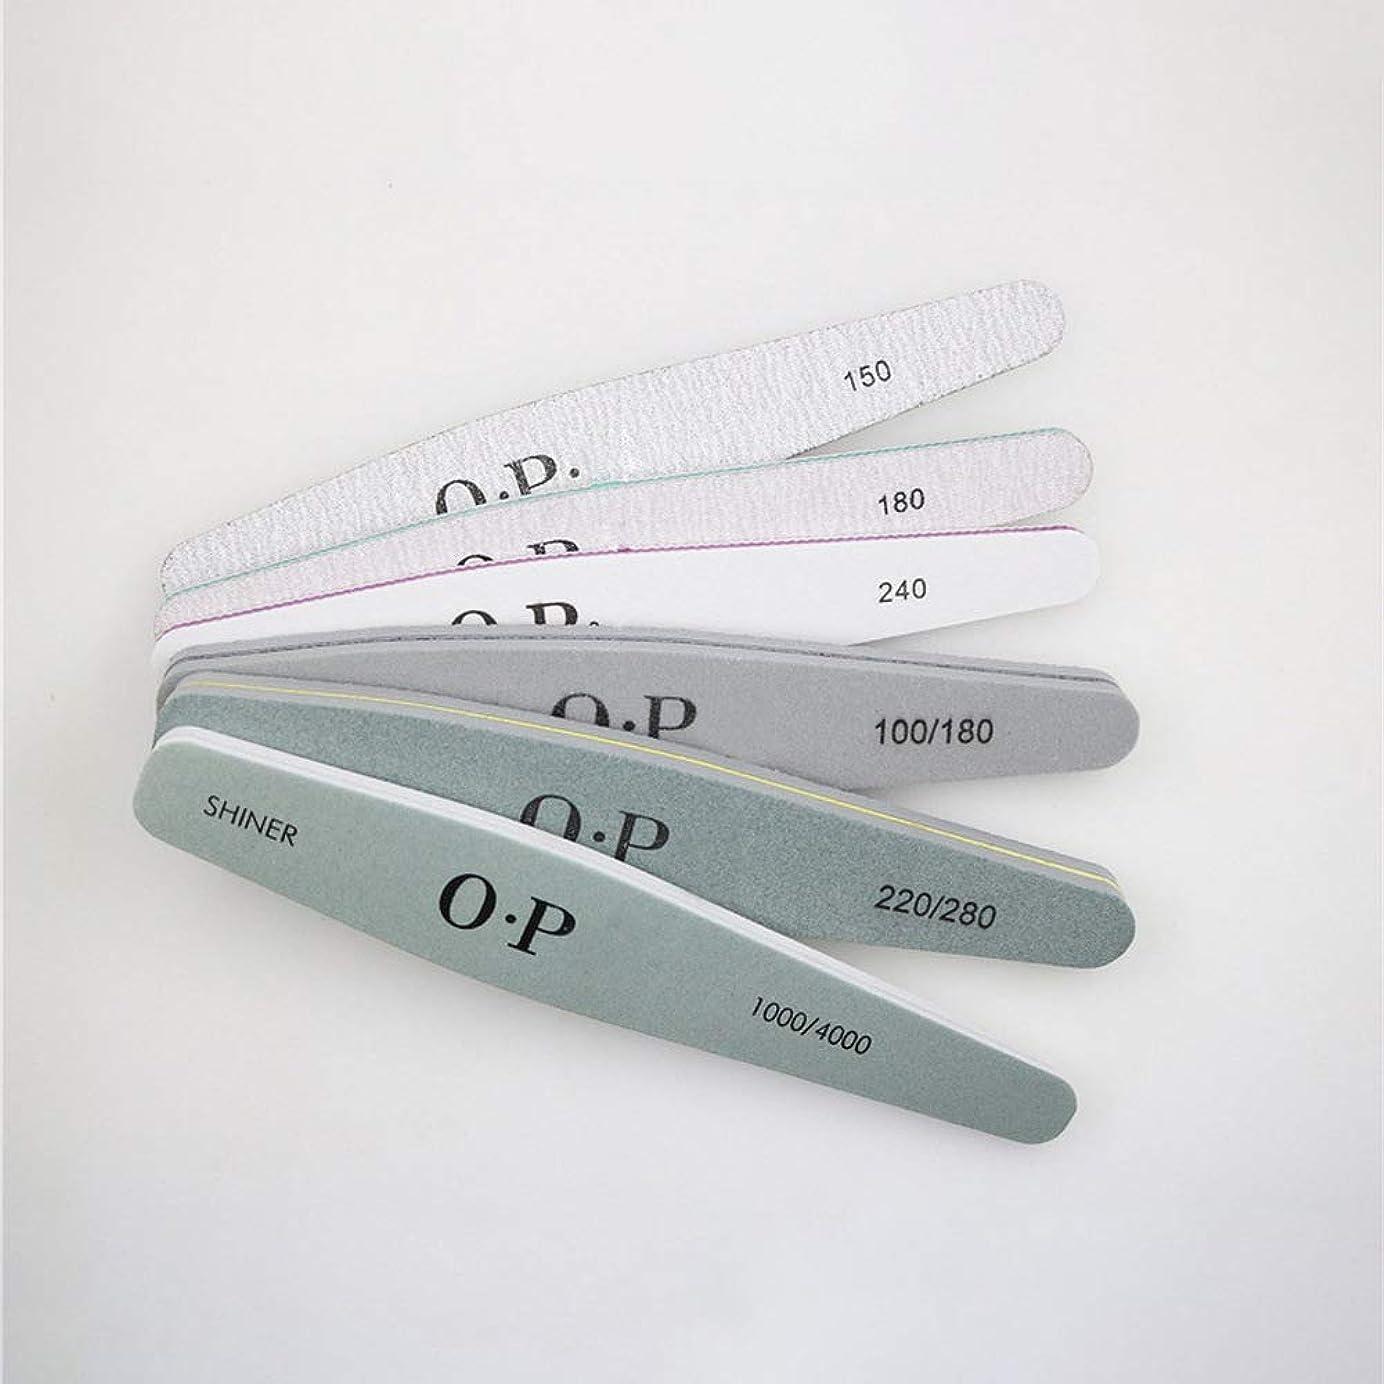 剪断リーズ小切手ネイルケア ネイルファイル ネイルファイルセット 爪やすり 爪磨き ネイルシャイナー150 180 240 100/180 200/280 1000/4000グリット6本セット Moomai